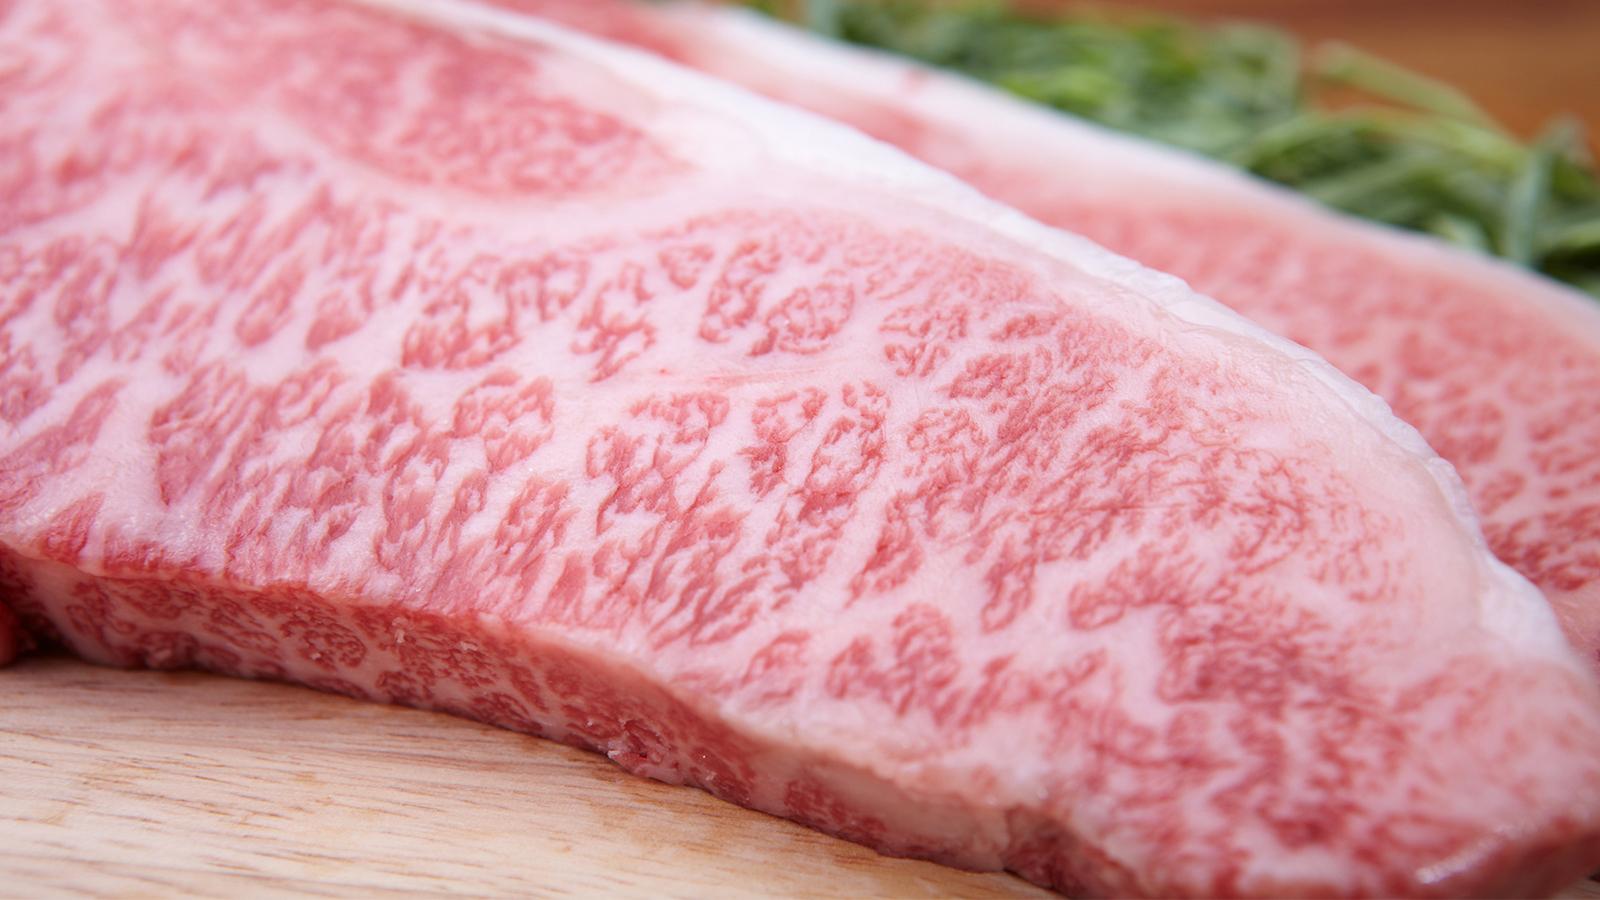 糖質制限中に牛肉は食べてもいいの?詳しい栄養素と食べ方のポイントをチェック